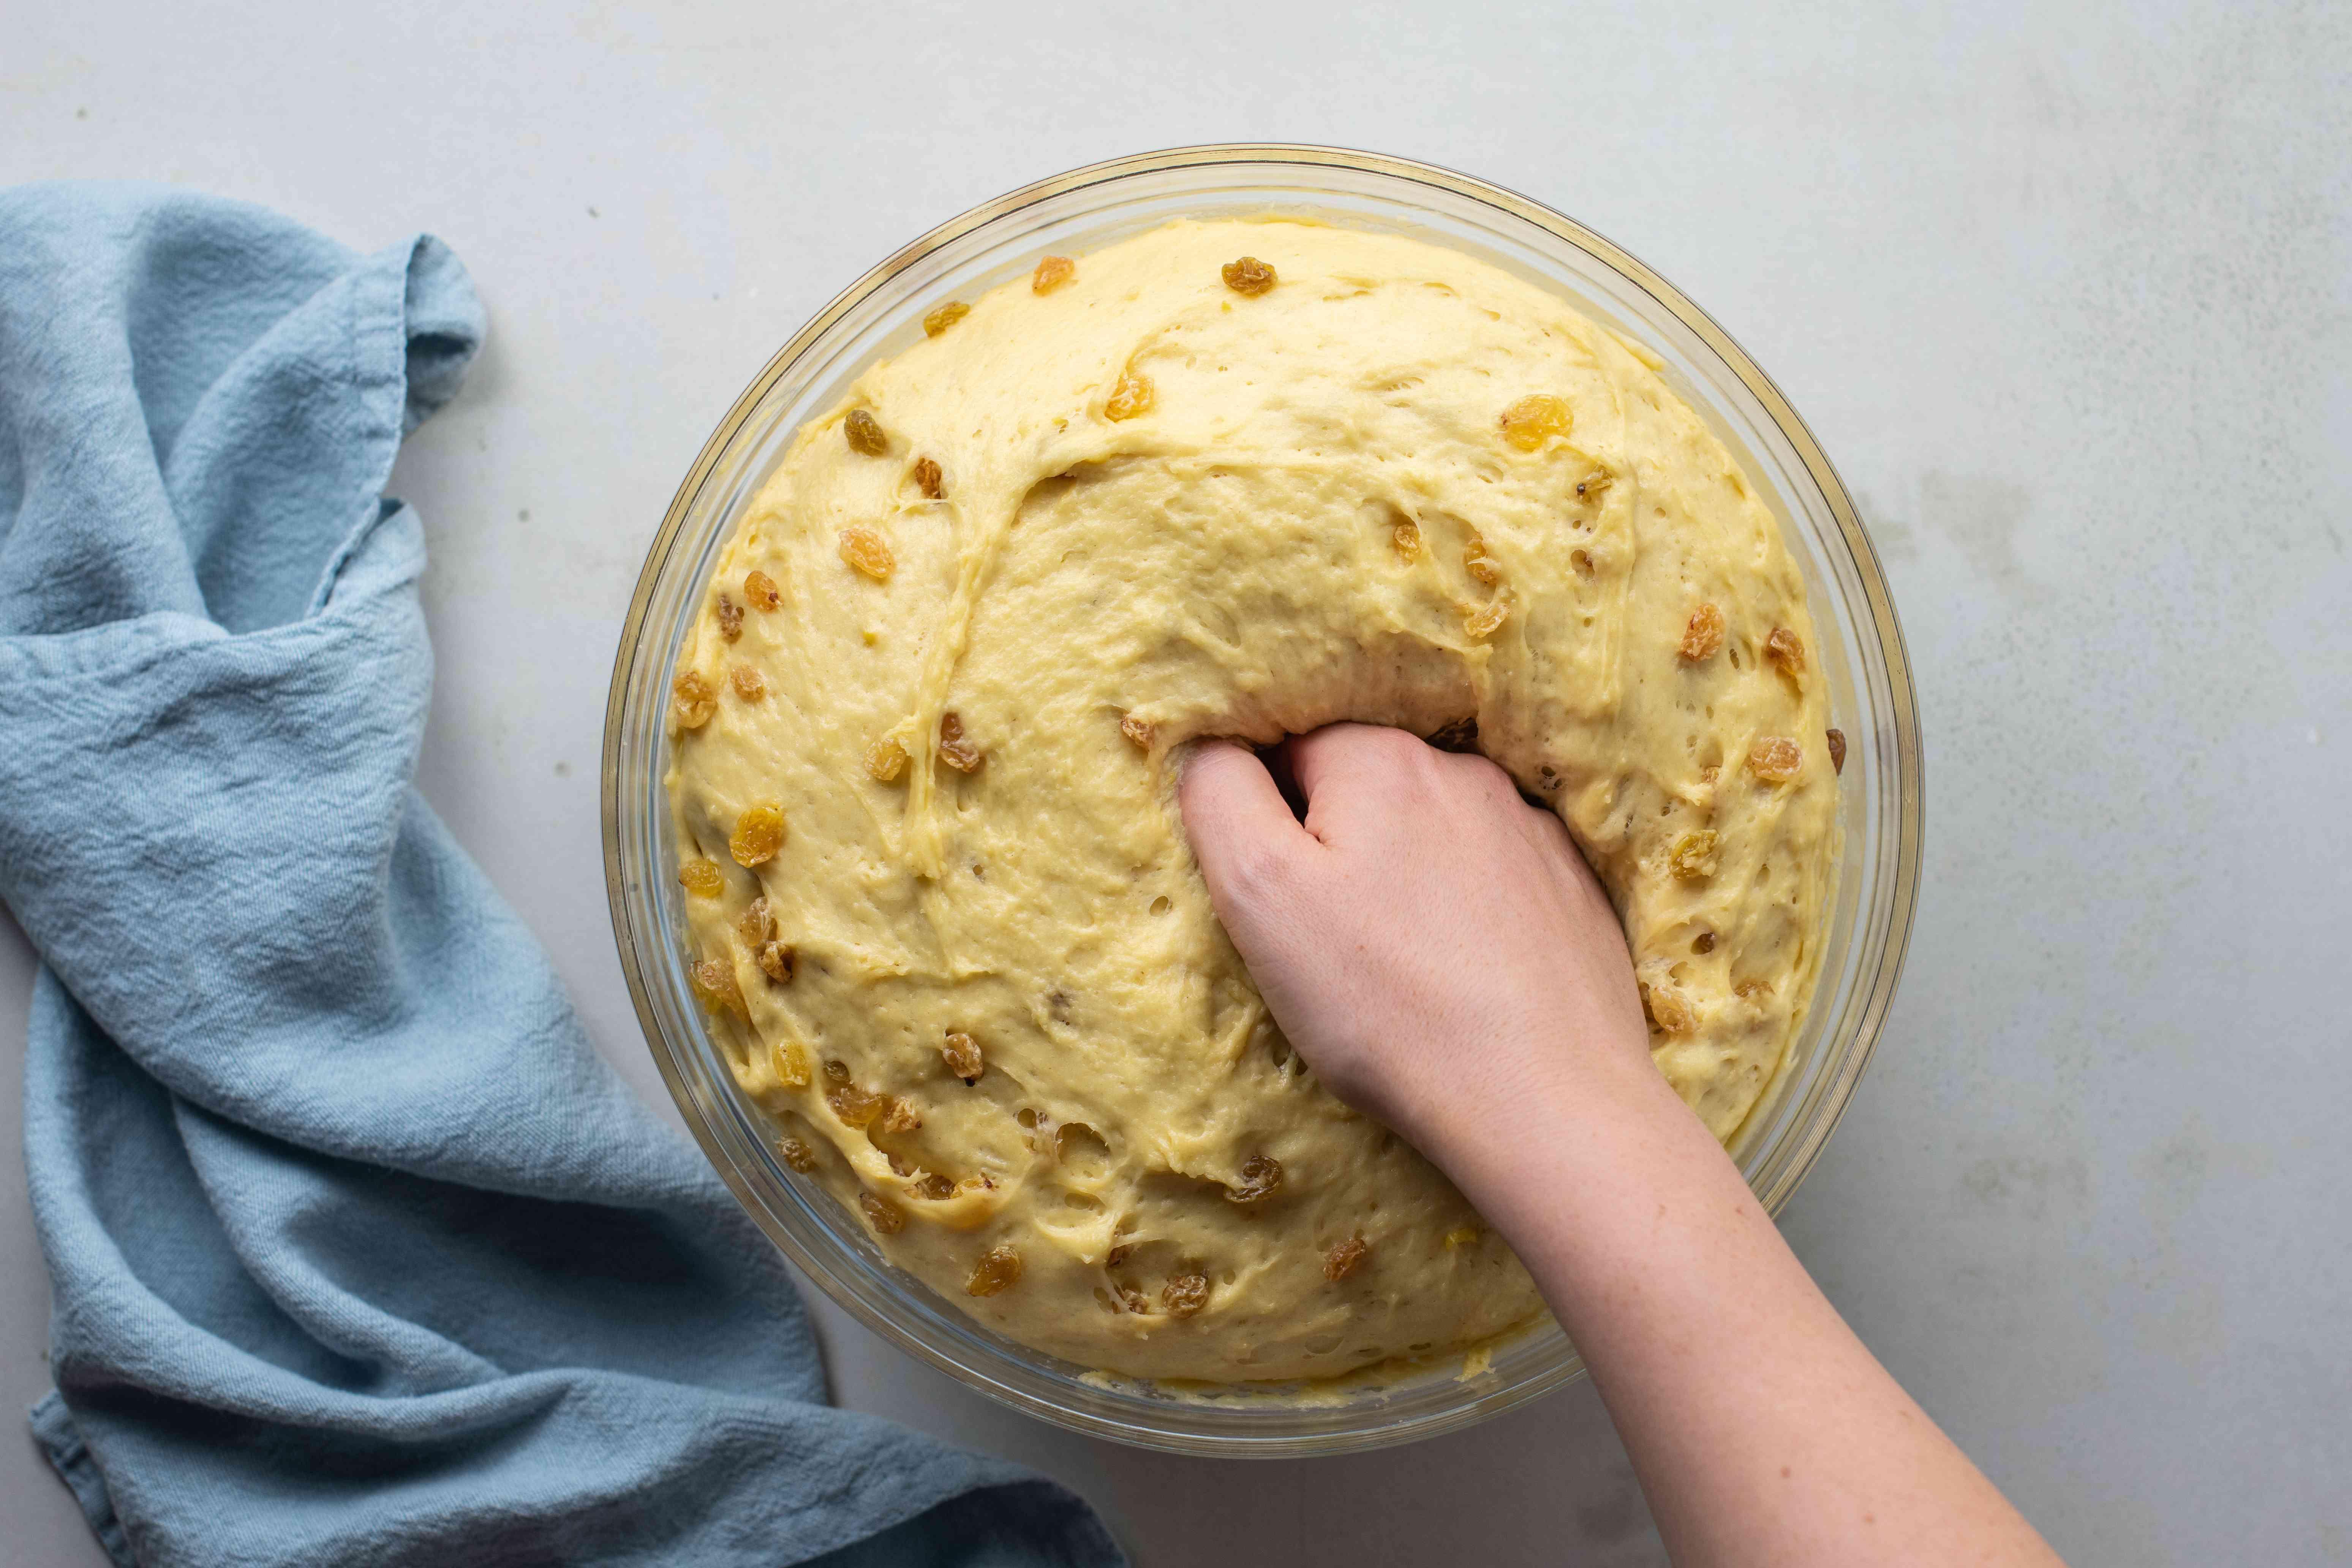 Punch down dough